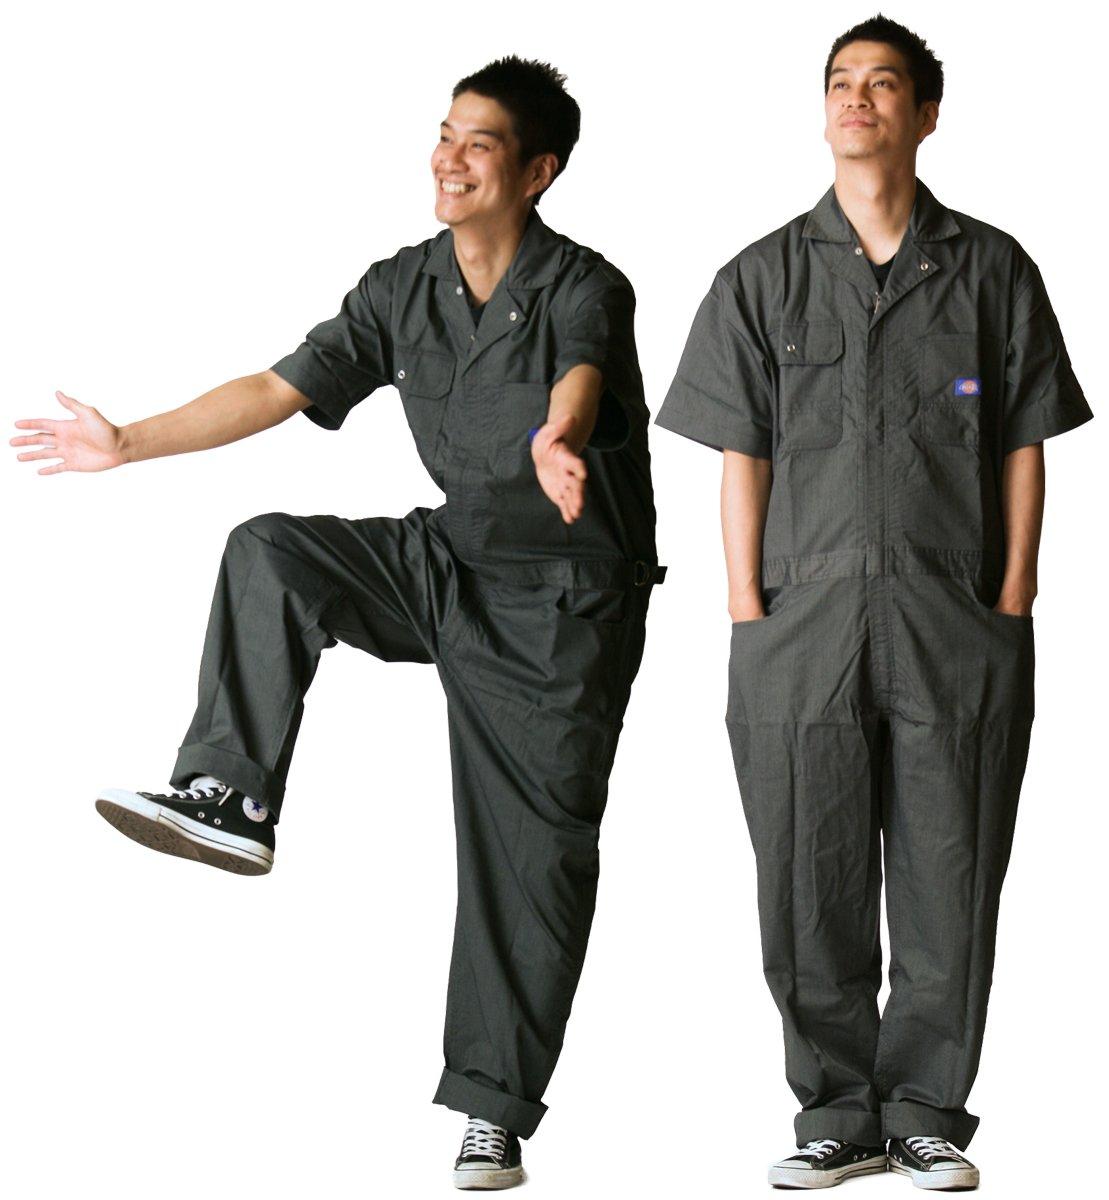 ディッキーズ Dickies (山田辰)夏用半袖 ツヅキ服 713 ブラック LLサイズ B008H1TOT2 LL|ブラック